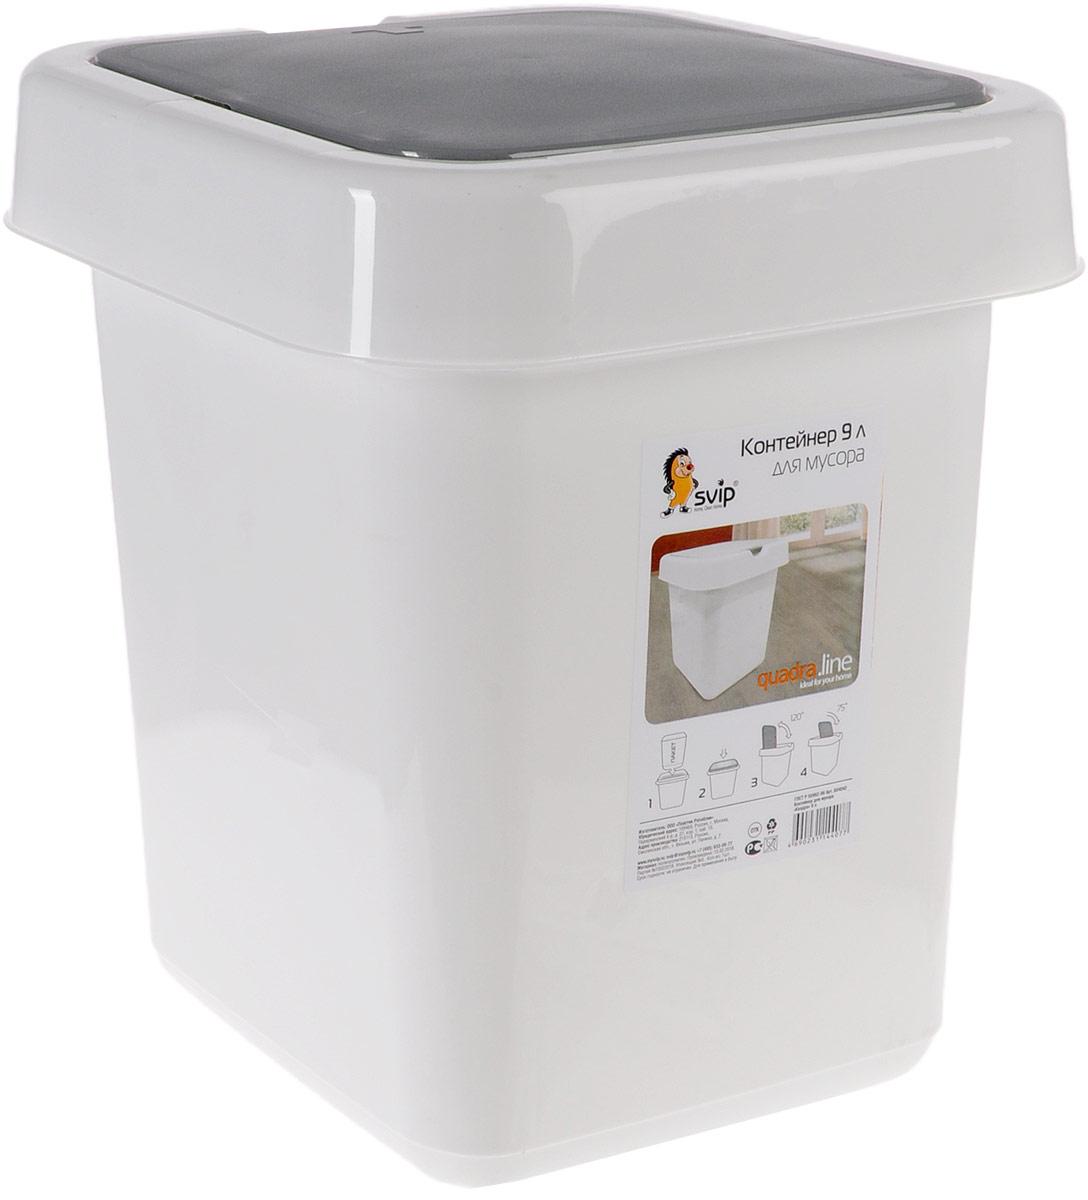 Контейнер для мусора Svip Квадра, цвет: белый, серый, 9 лSV4042БЛМусорный контейнер Svip Квадра поможет поддержать порядок и чистоту на кухне, в туалетной комнате или в офисе. Изделие, выполненное из полипропилена, не боится ударов и долгих лет использования. Изделие оснащено крышкой с двойным механизмом открывания, что обеспечивает максимально удобное использование: откидной крышкой можно воспользоваться при выбрасывании большого мусора, крышкой-маятником - для мусора меньшего объема. Скрытые борта в корпусе изделия для аккуратного использования одноразовых пакетов и сохранения эстетики изделия. Съемная верхняя часть контейнера обеспечивает удобство извлечения накопившегося мусора. Эстетика изделия превращает необходимый предмет кухни или туалетной комнаты в стильное дополнение к интерьеру. Его легкость и прочность оптимально решают проблему сбора мусора.